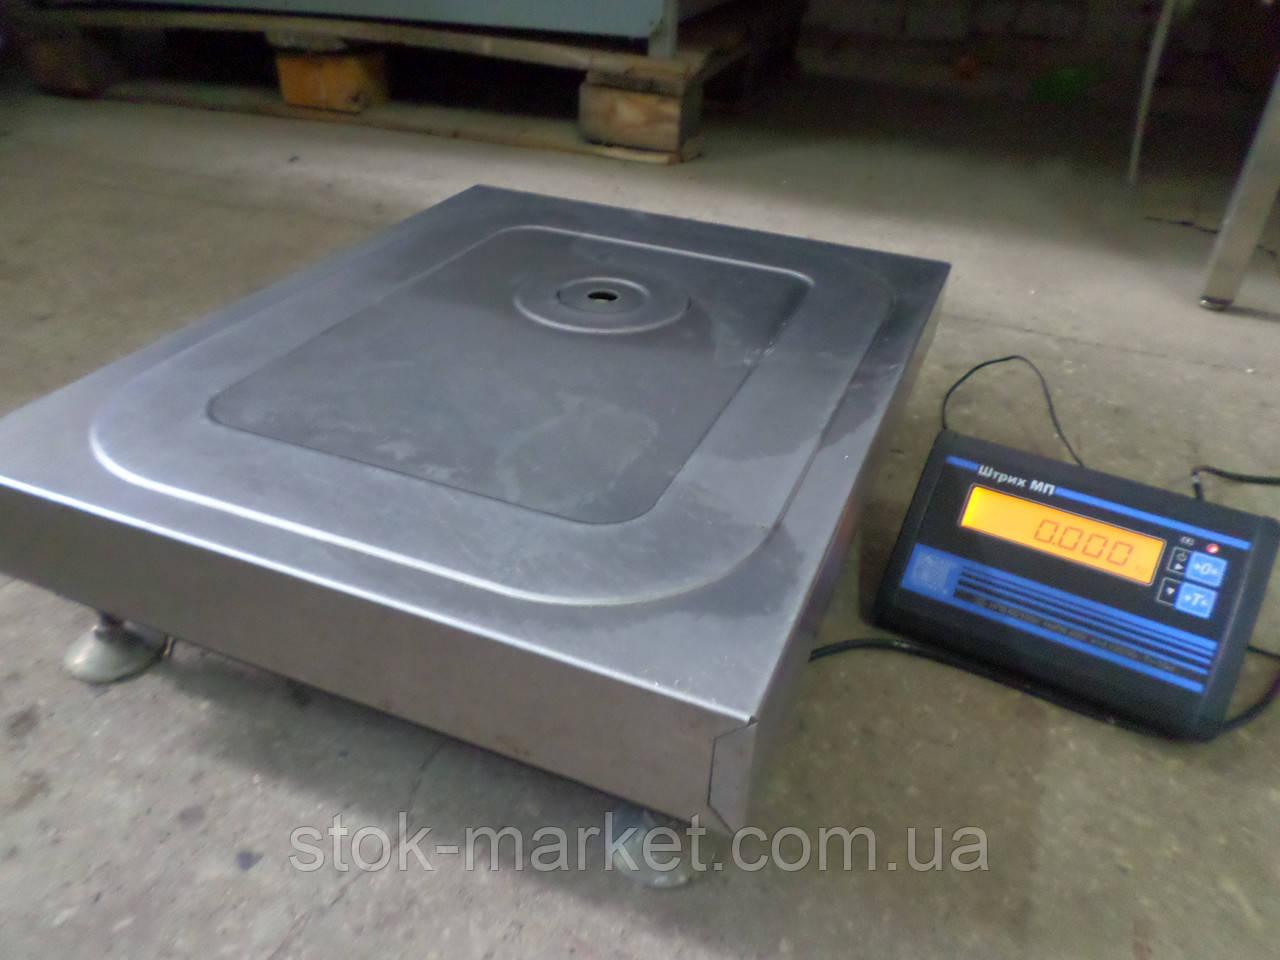 Весы напольные электронные Штрих МП-150